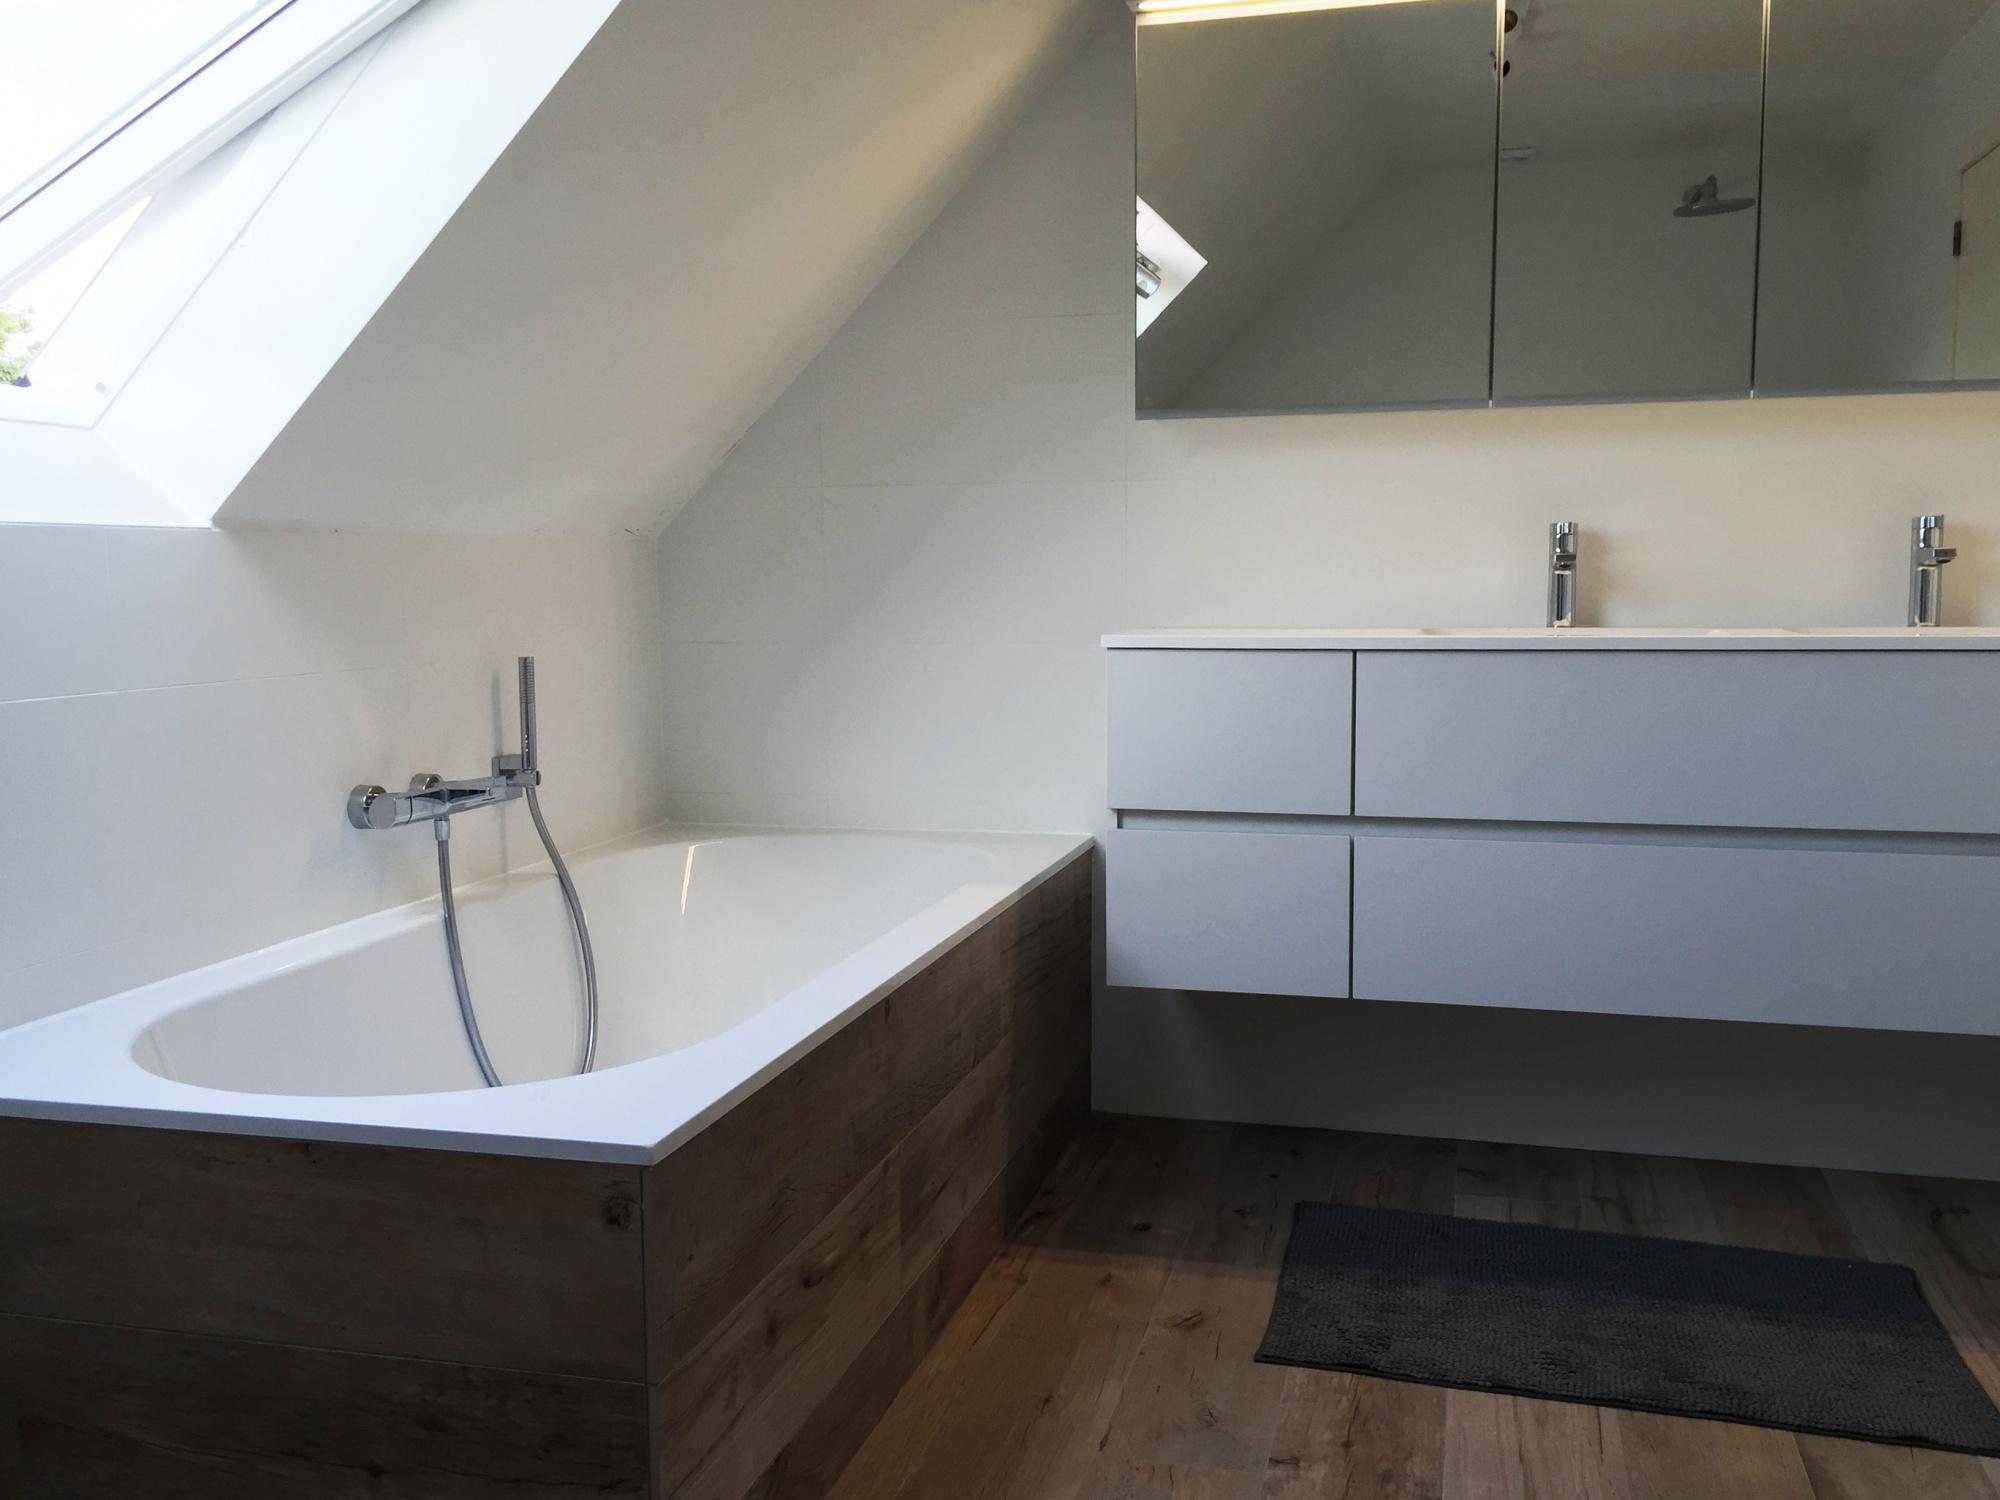 Vaak Verwarming, sanitair & badkamers | Installatiebedrijf van den berg @QN87